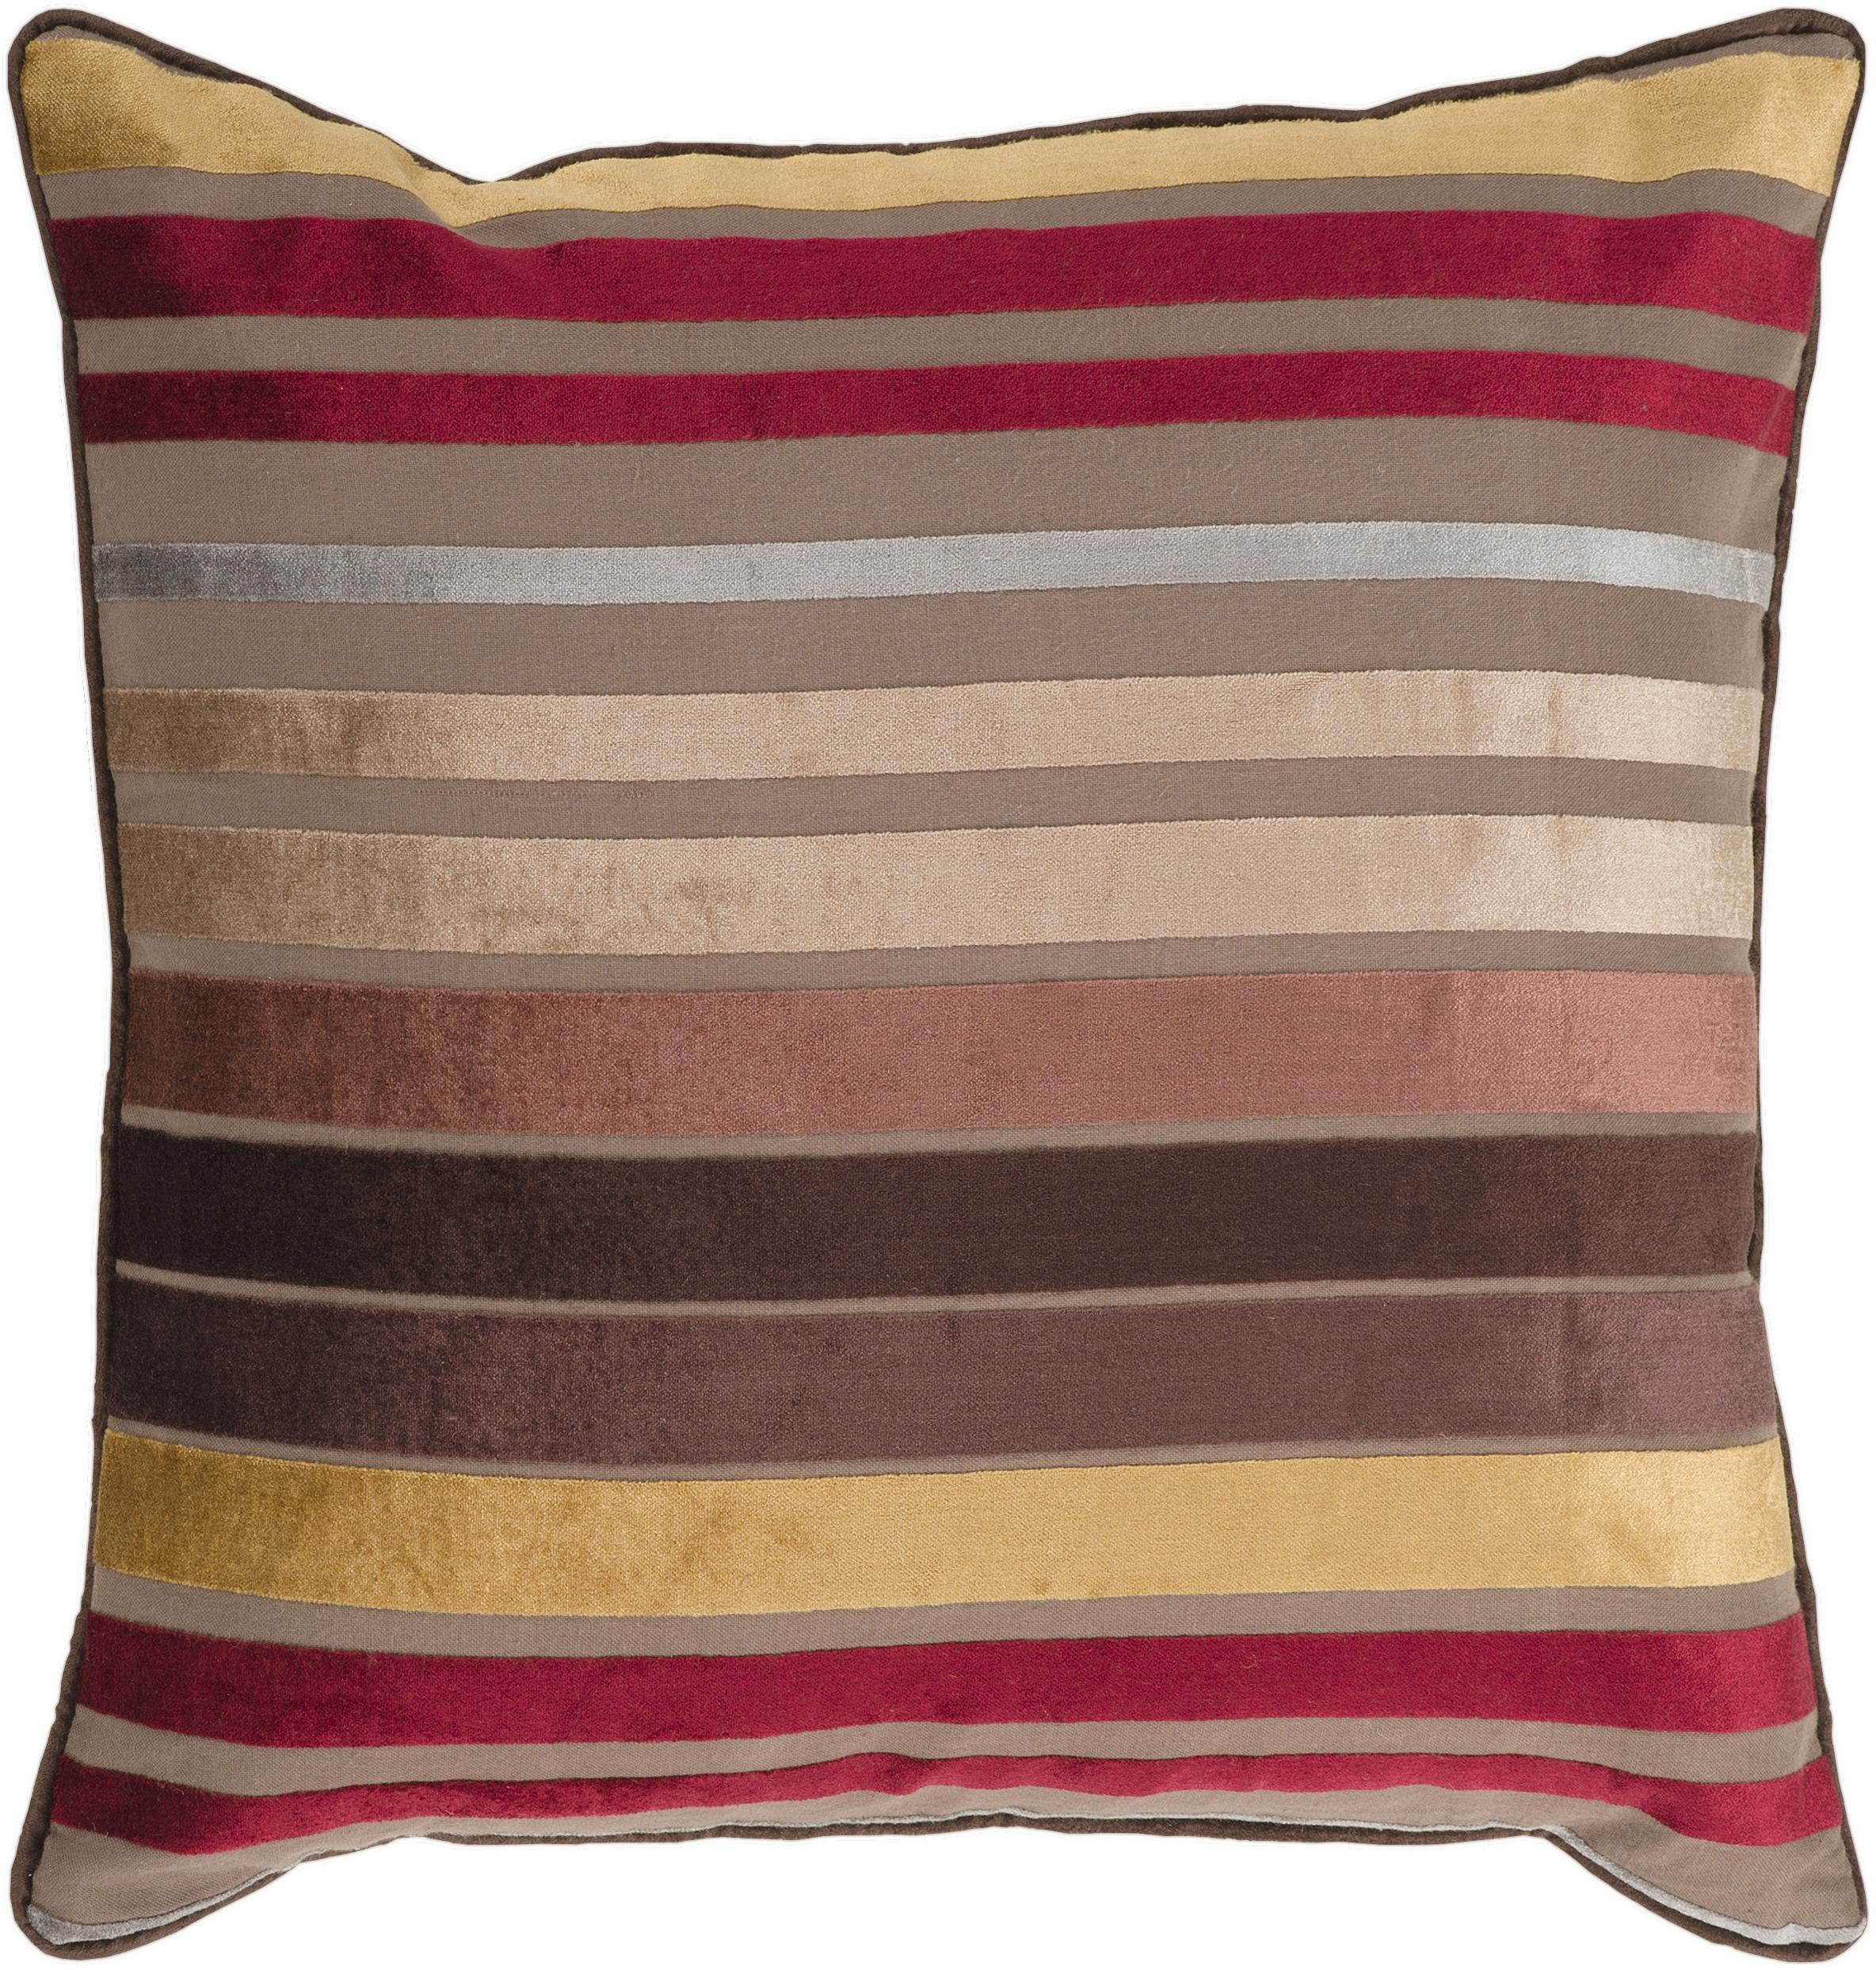 """Surya Pillows 18"""" x 18"""" Pillow - Item Number: JS023-1818P"""